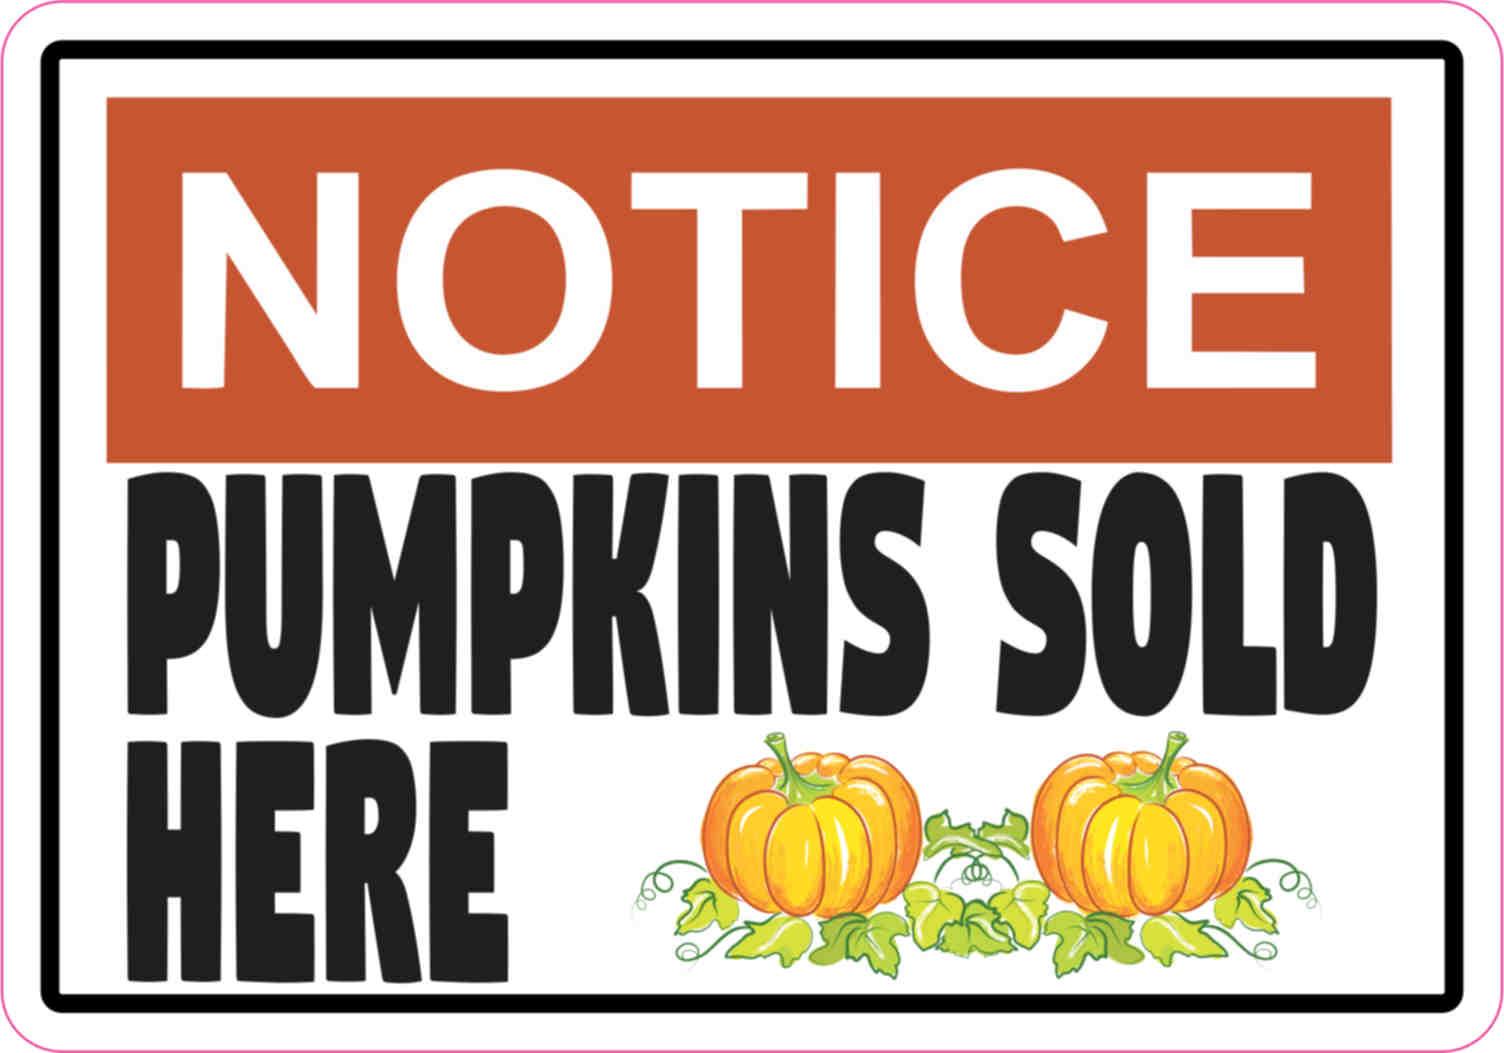 pumpkins sold here